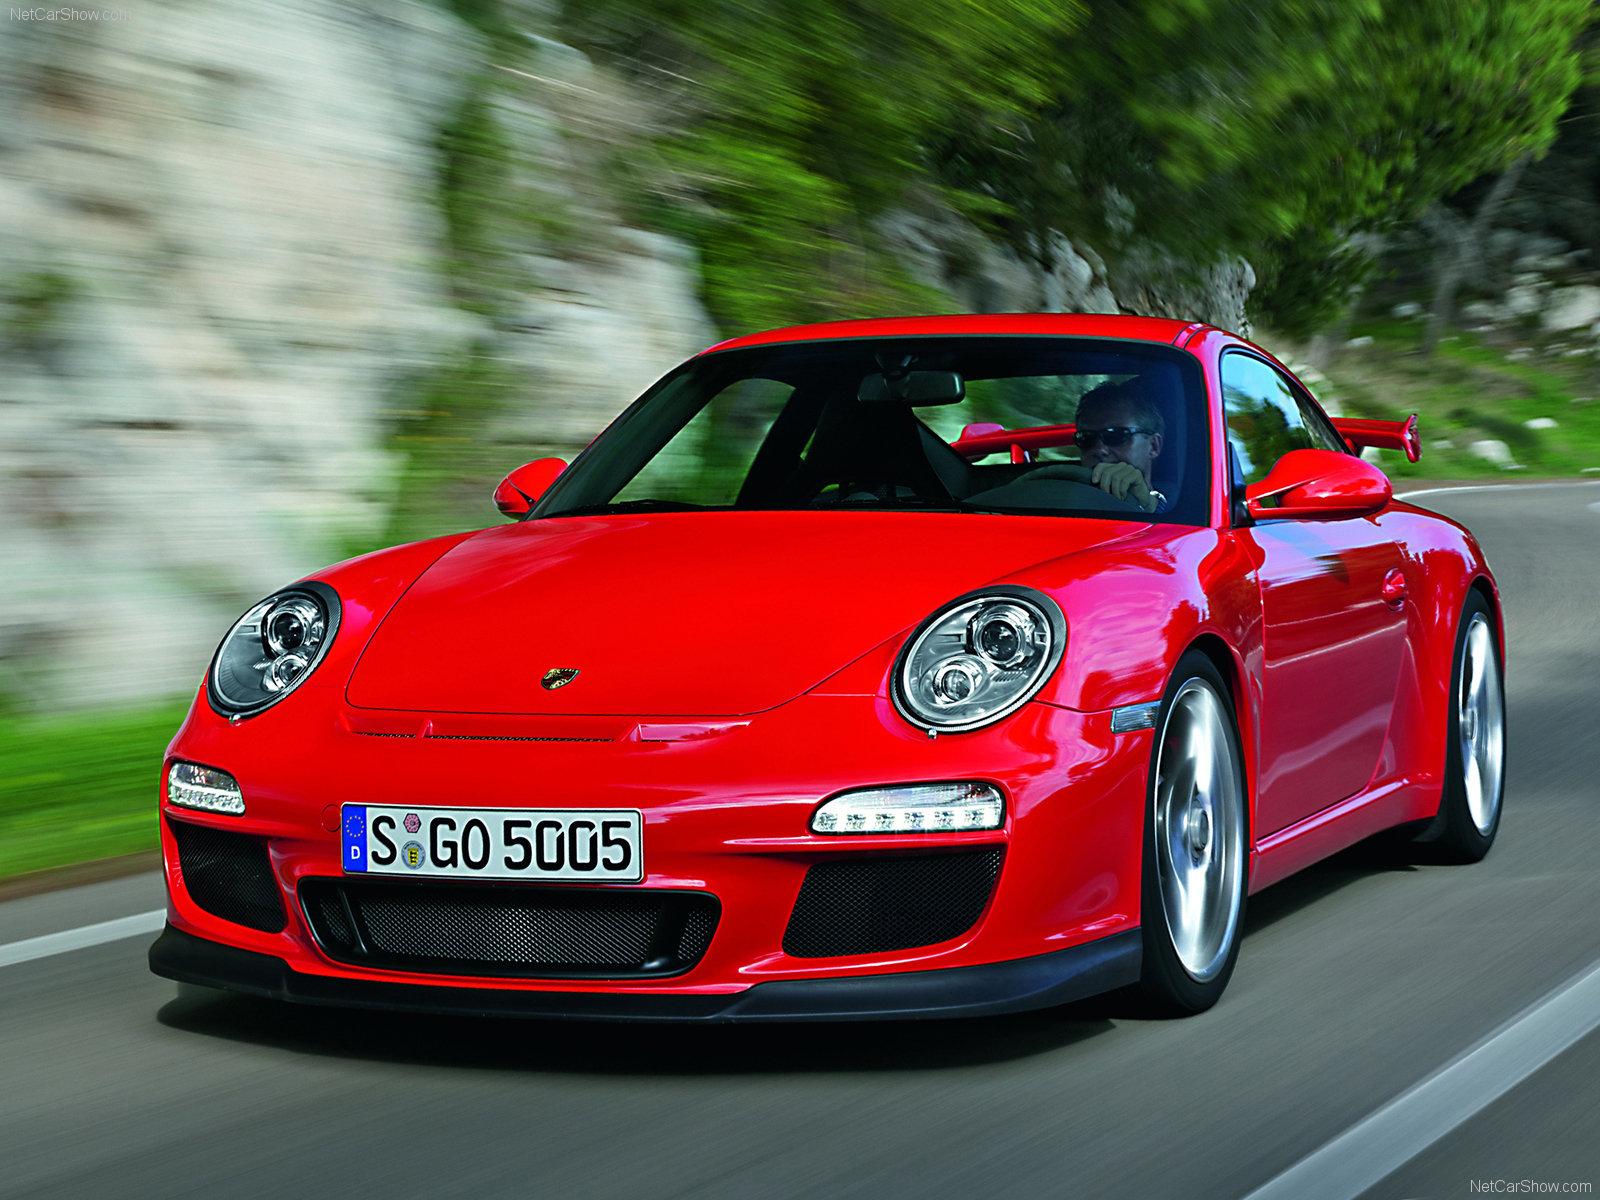 Sport Wallpaper Porsche 911: 2010 Red Porsche 911 GT3 Wallpapers